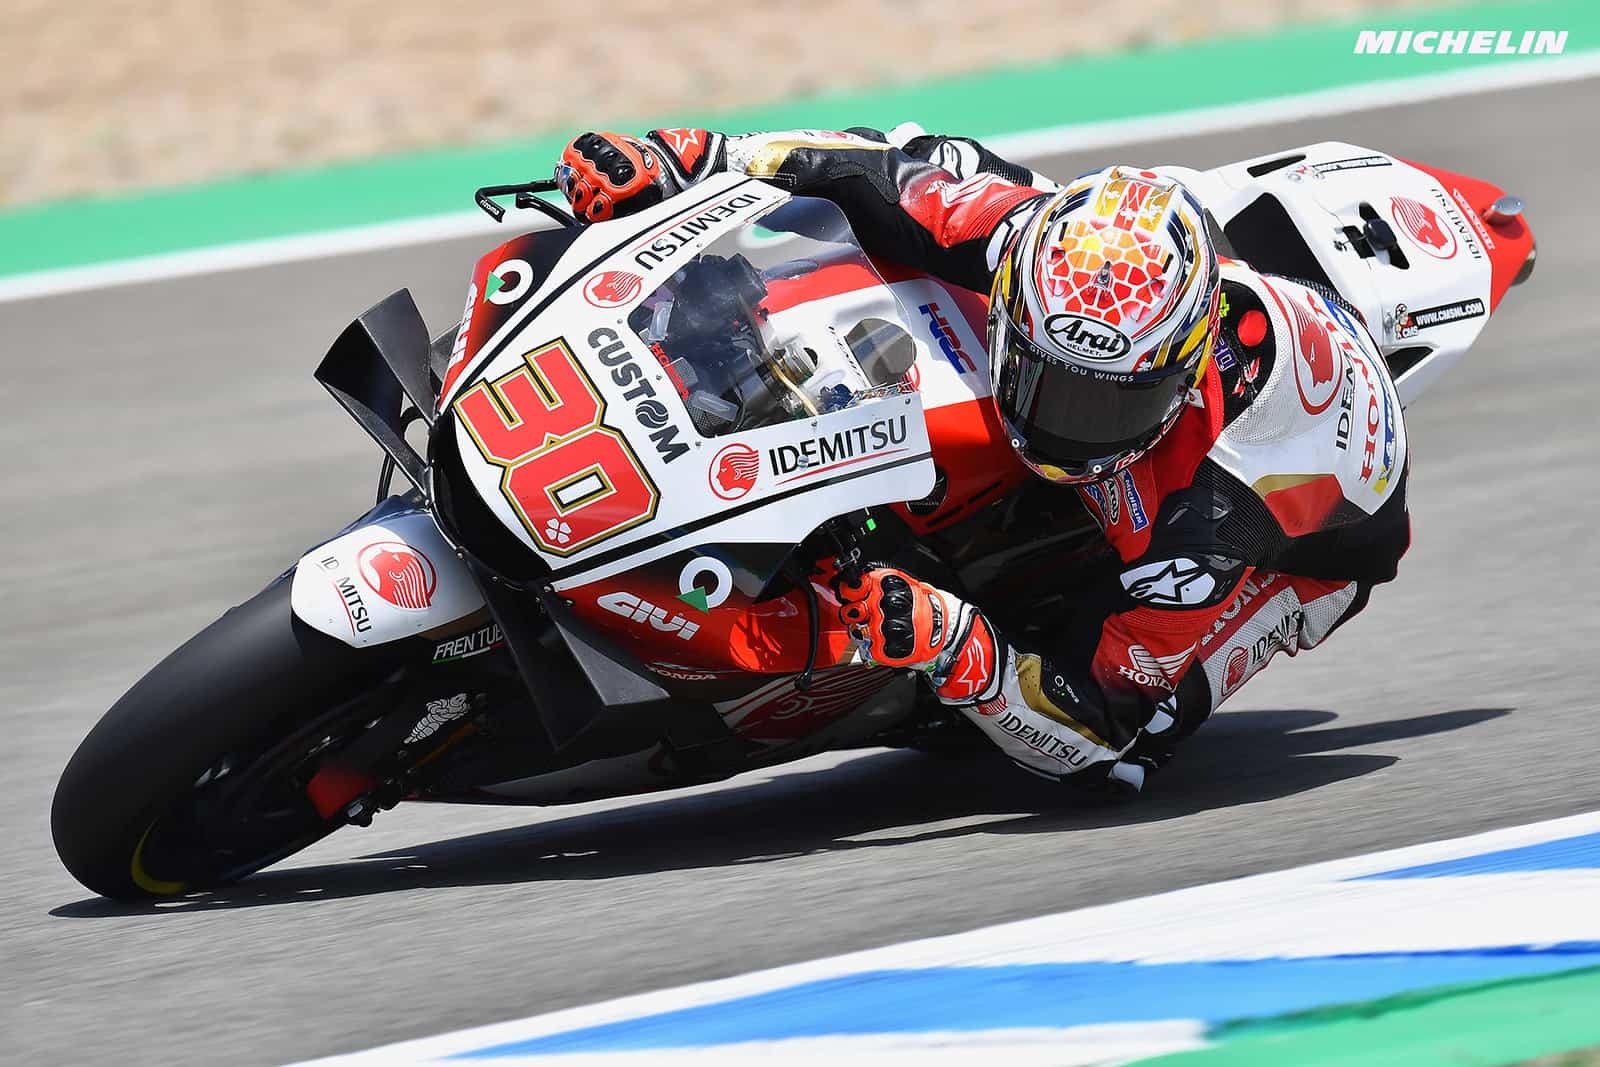 スペインGP 10位中上 貴晶「とにかく自分のレースに集中していた」